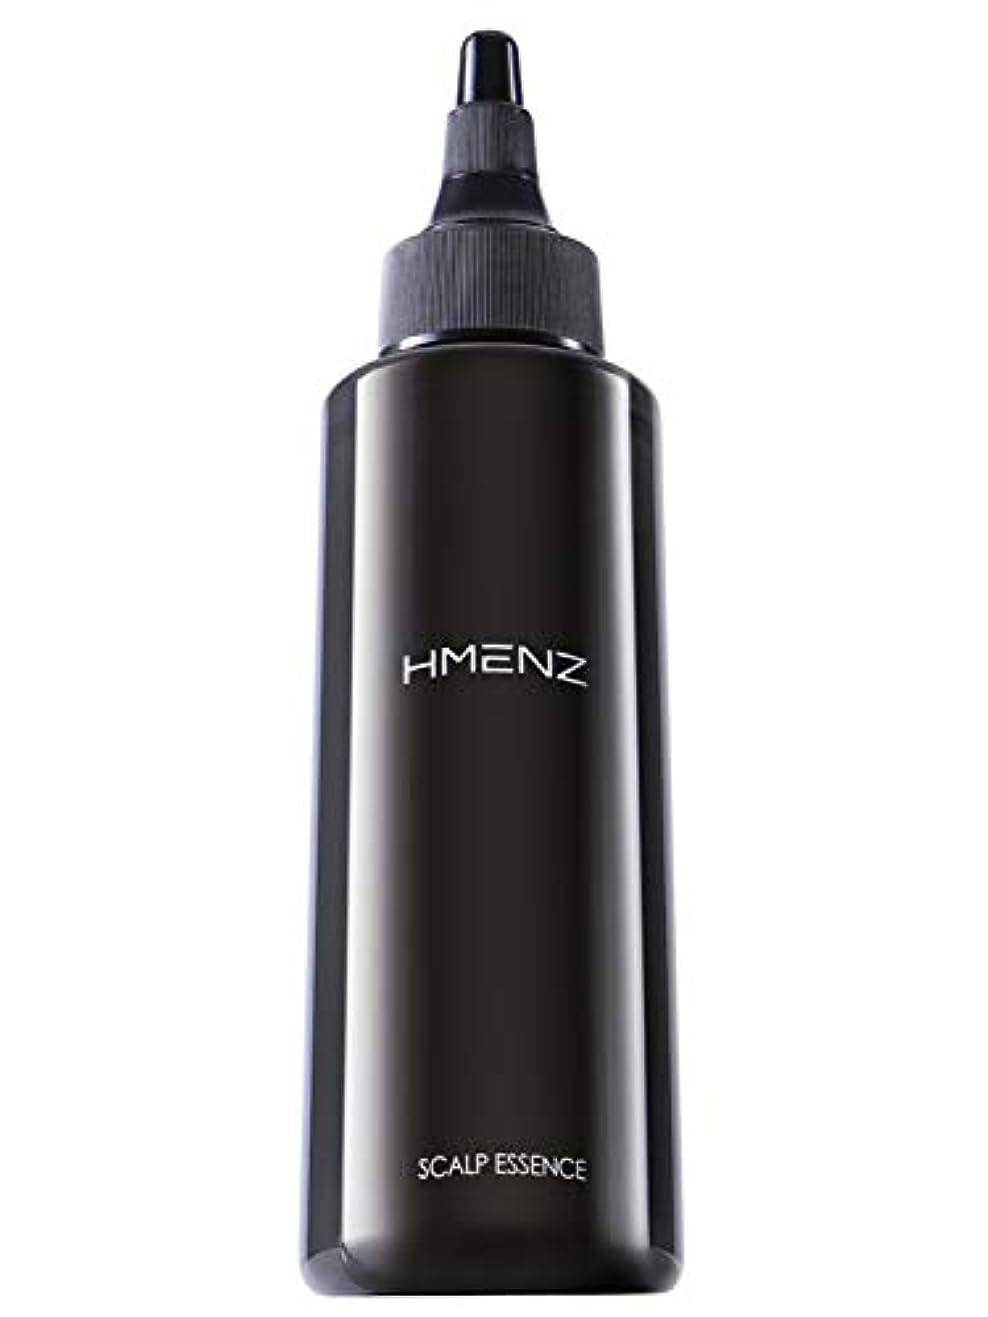 ヒップ変更可能ドア医薬部外品 HMENZ メンズ 育毛剤 スカルプエッセンス 毛髪エイジングケアシリーズ 和漢根 海藻配合 育毛トニック 120ml